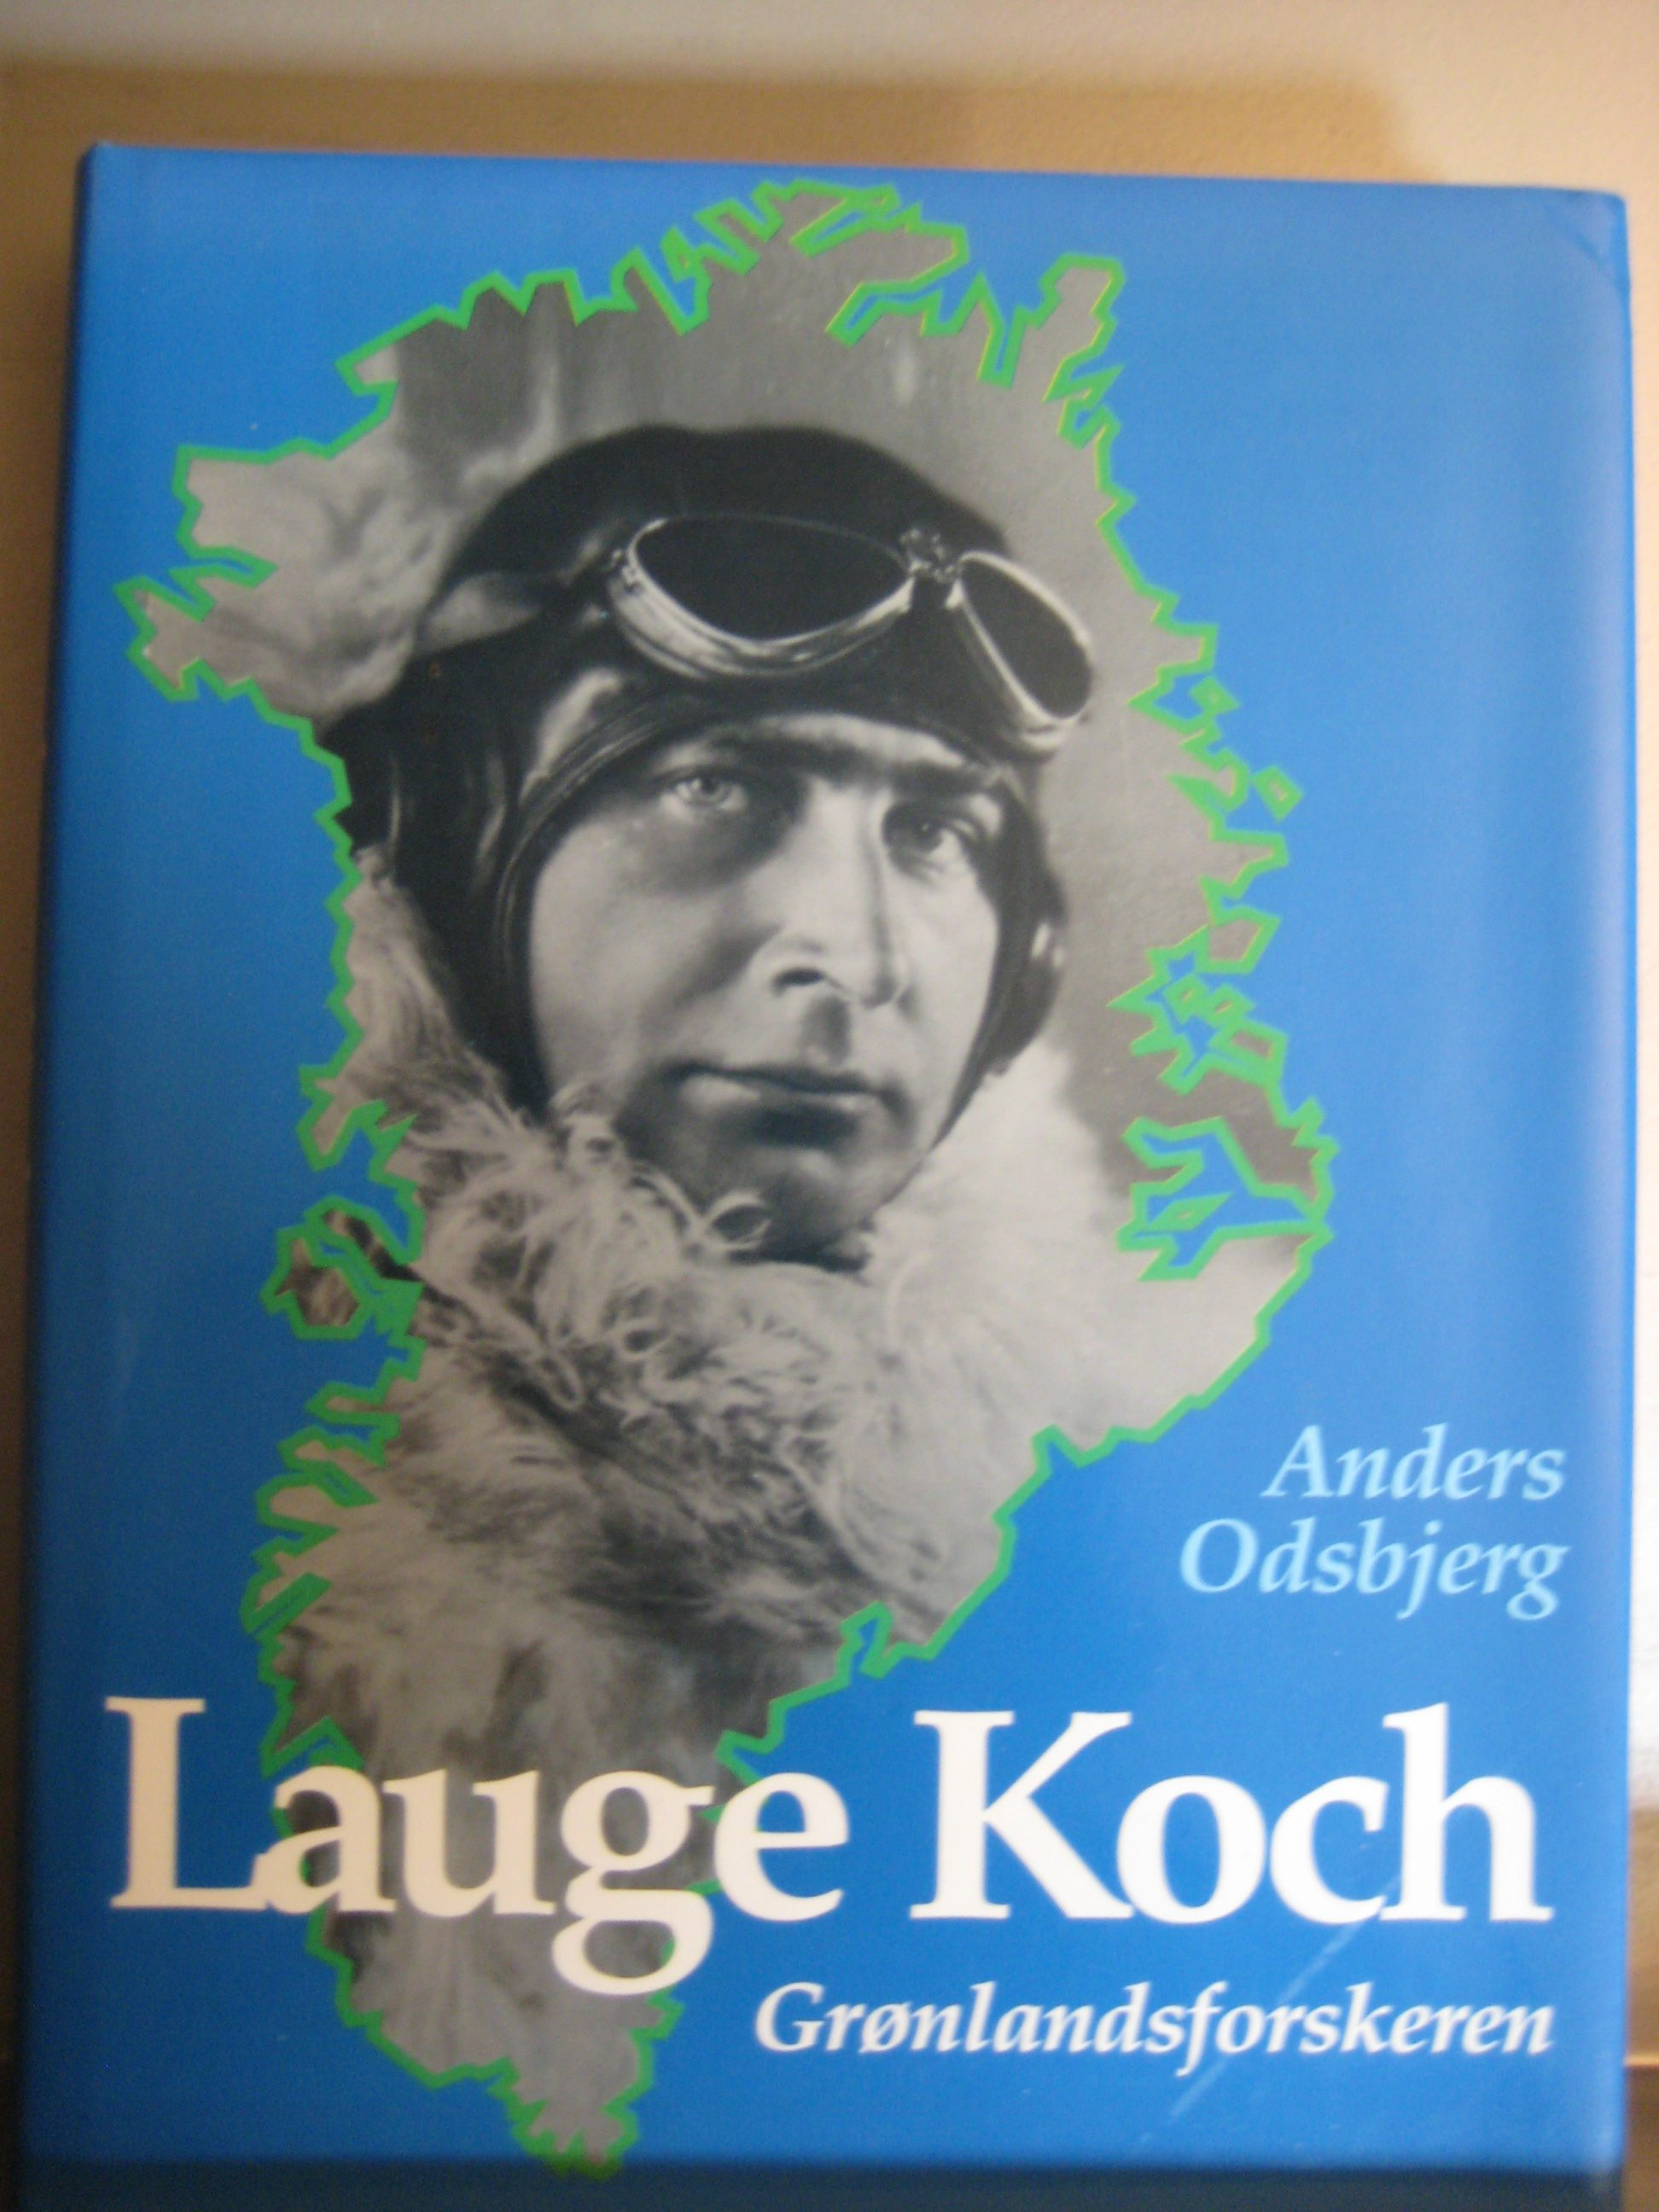 Lauge Koch. grønlandsforskeren